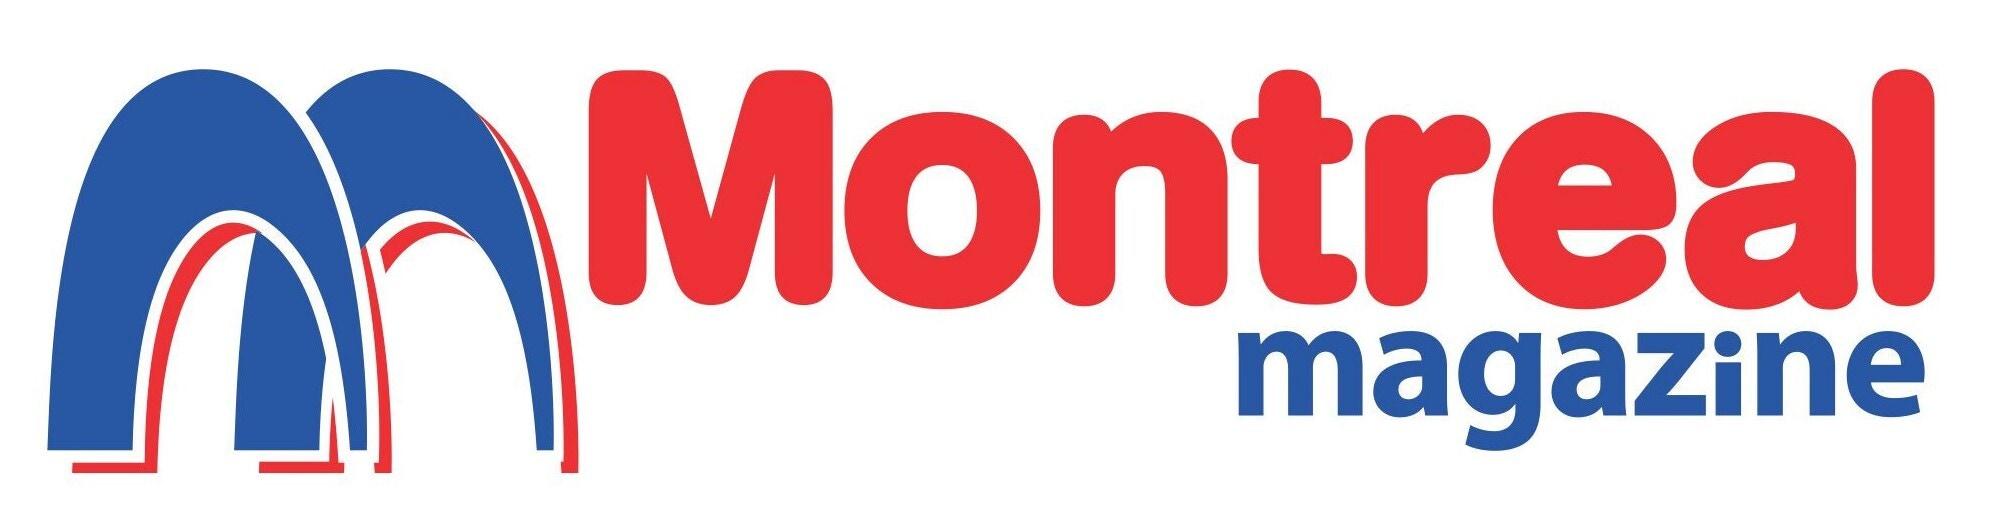 Montreal Magazine